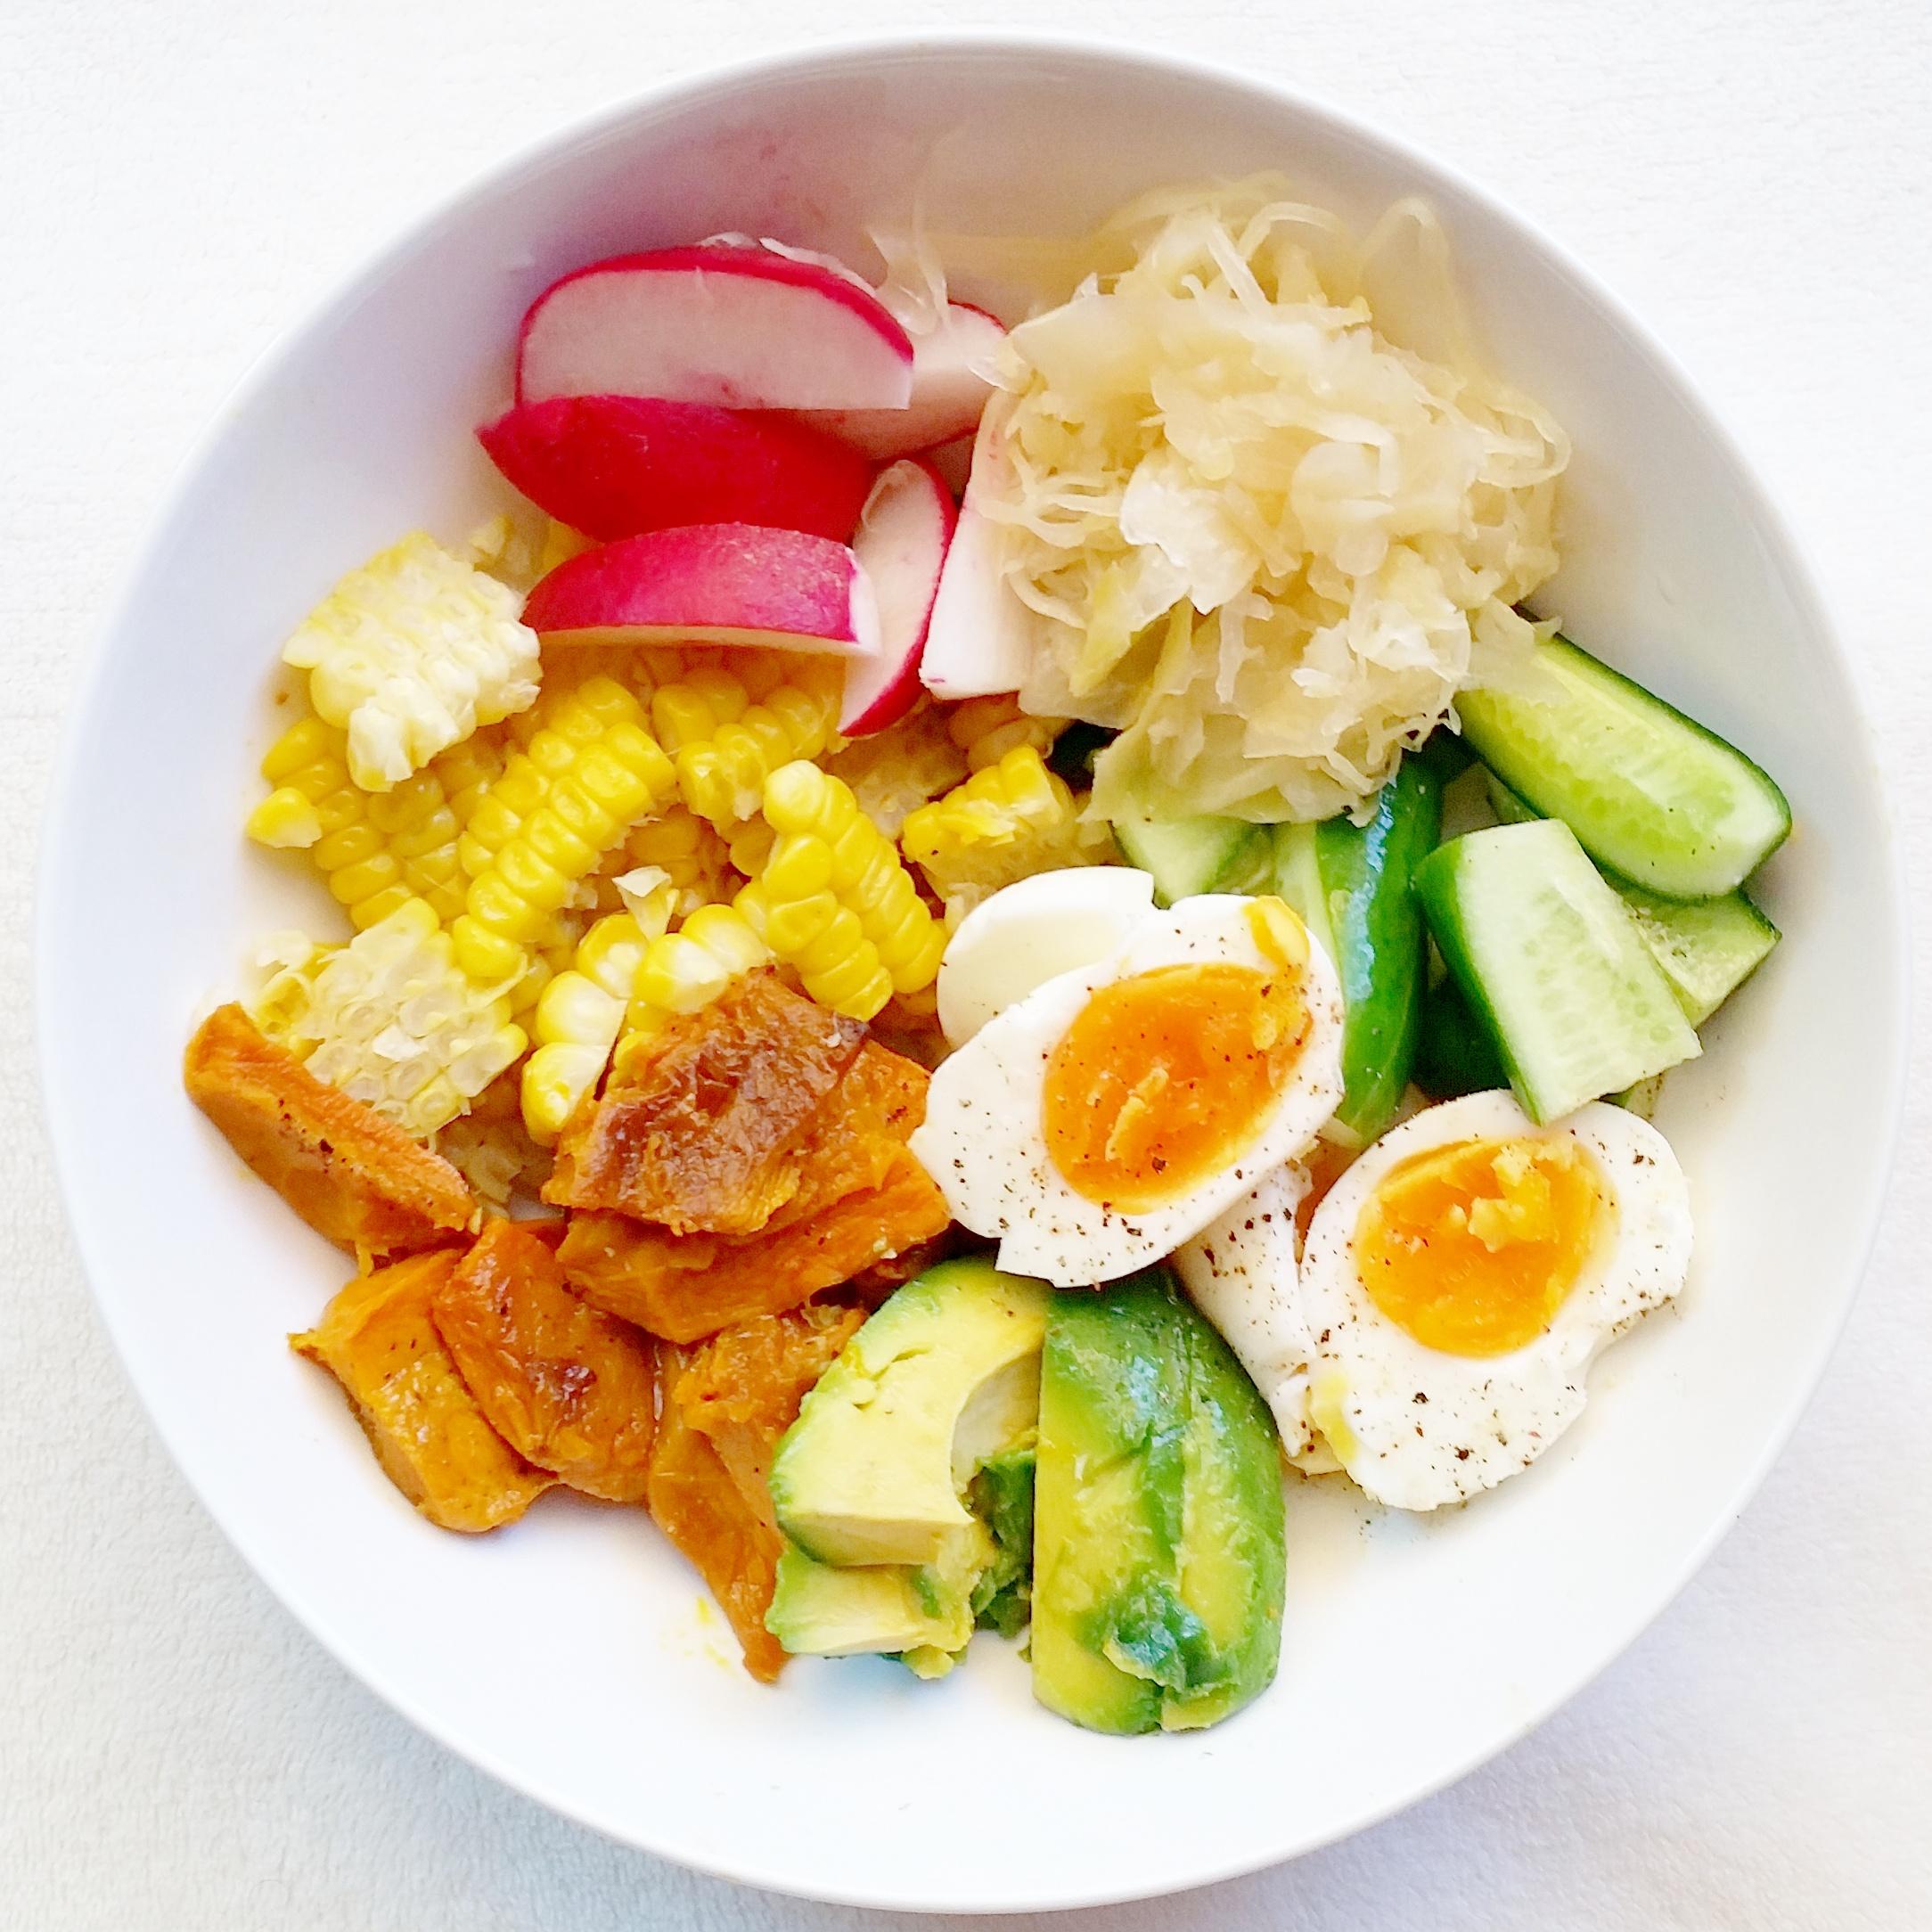 healthy protein food buddha bowl